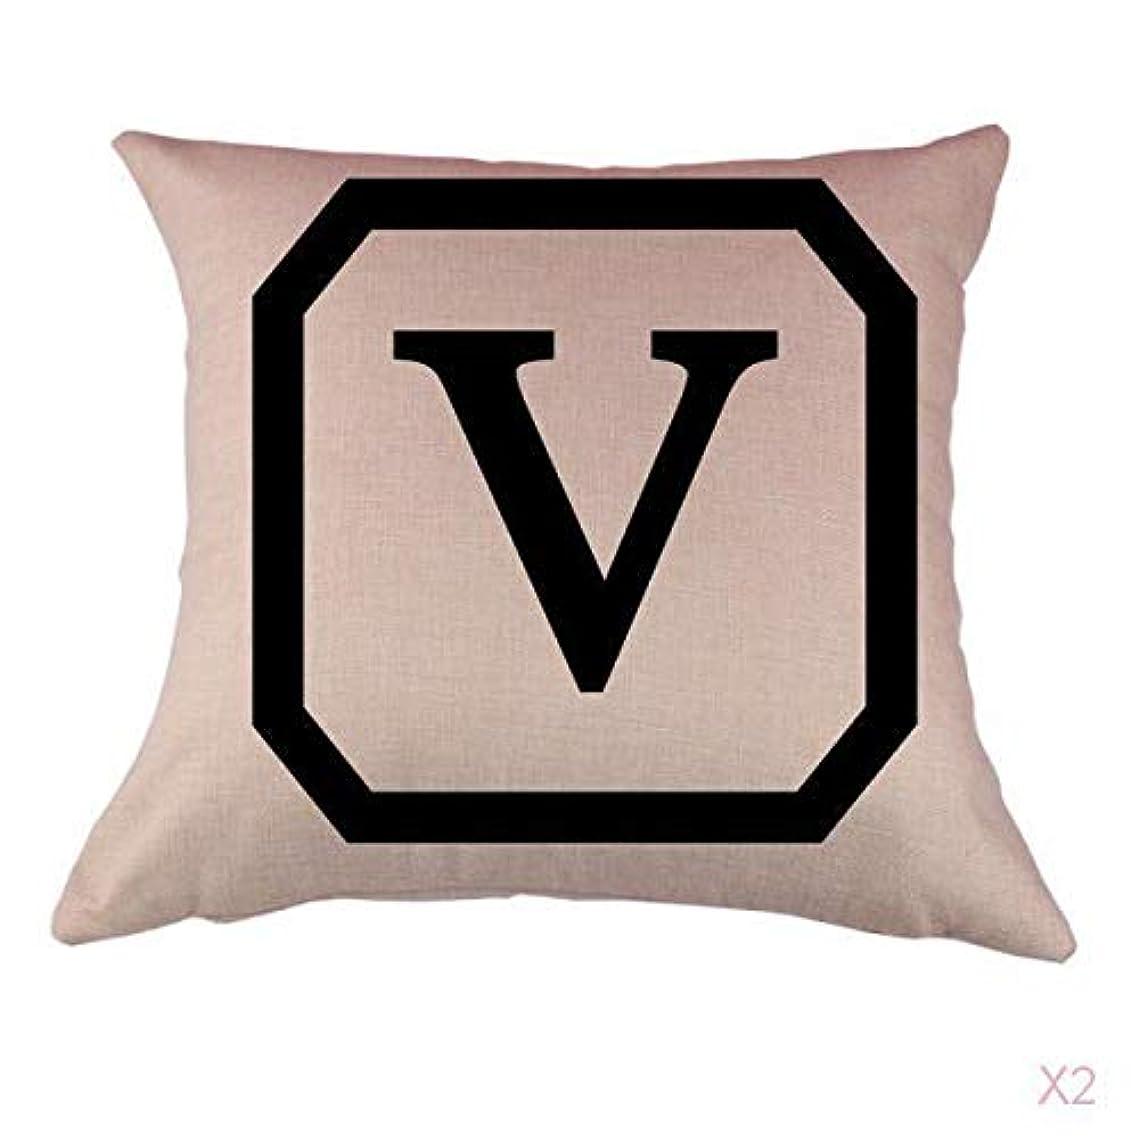 謝罪する体操嘆くコットンリネンスロー枕カバークッションカバー家の装飾、初期文字v